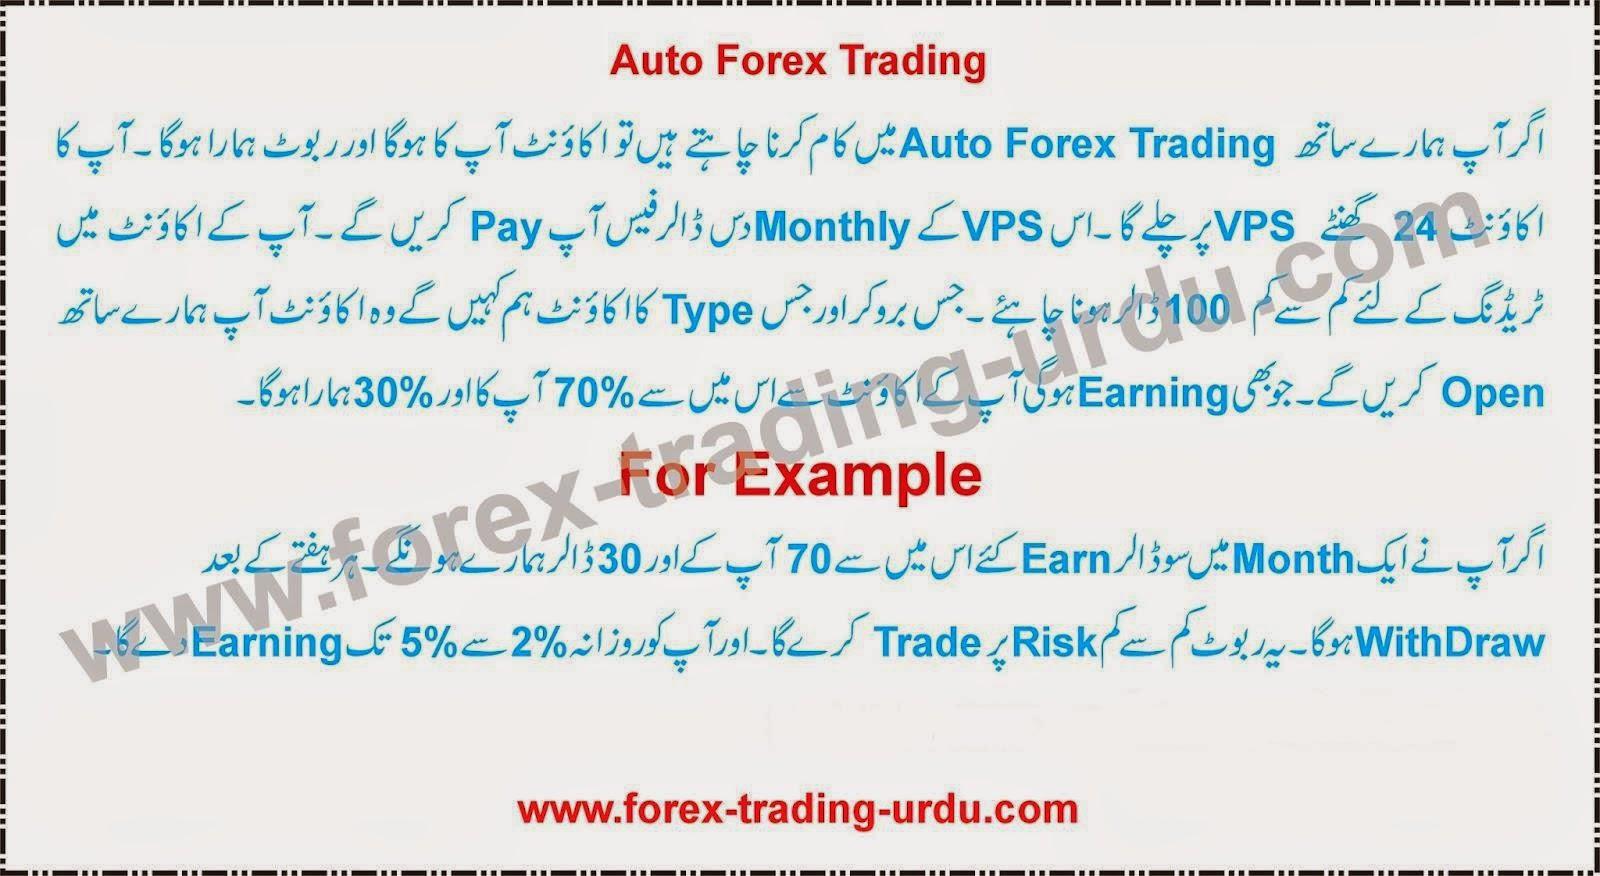 Foreign exchange market - Wikipedia, the free encyclopedia